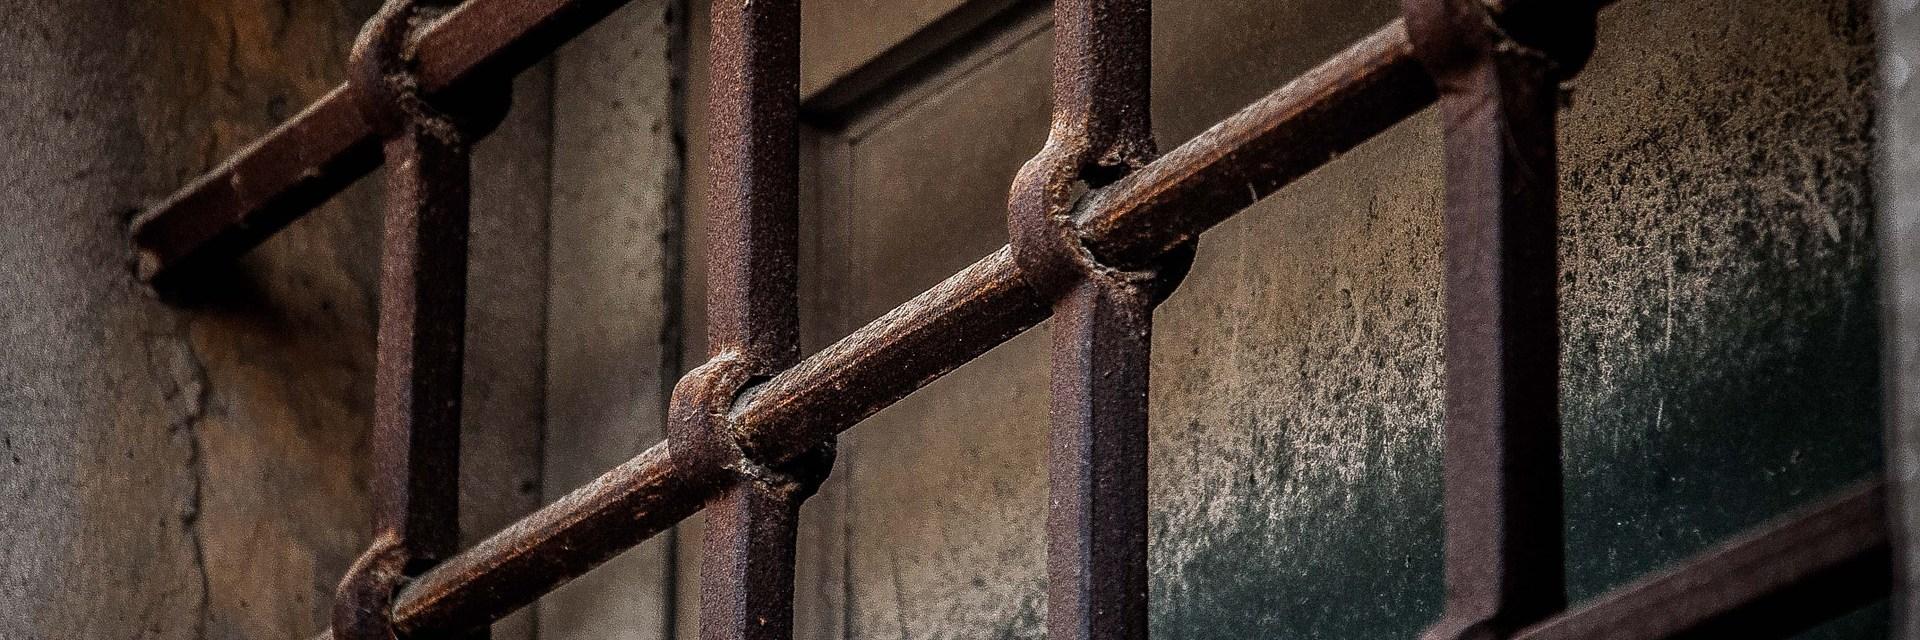 inmates prison jail